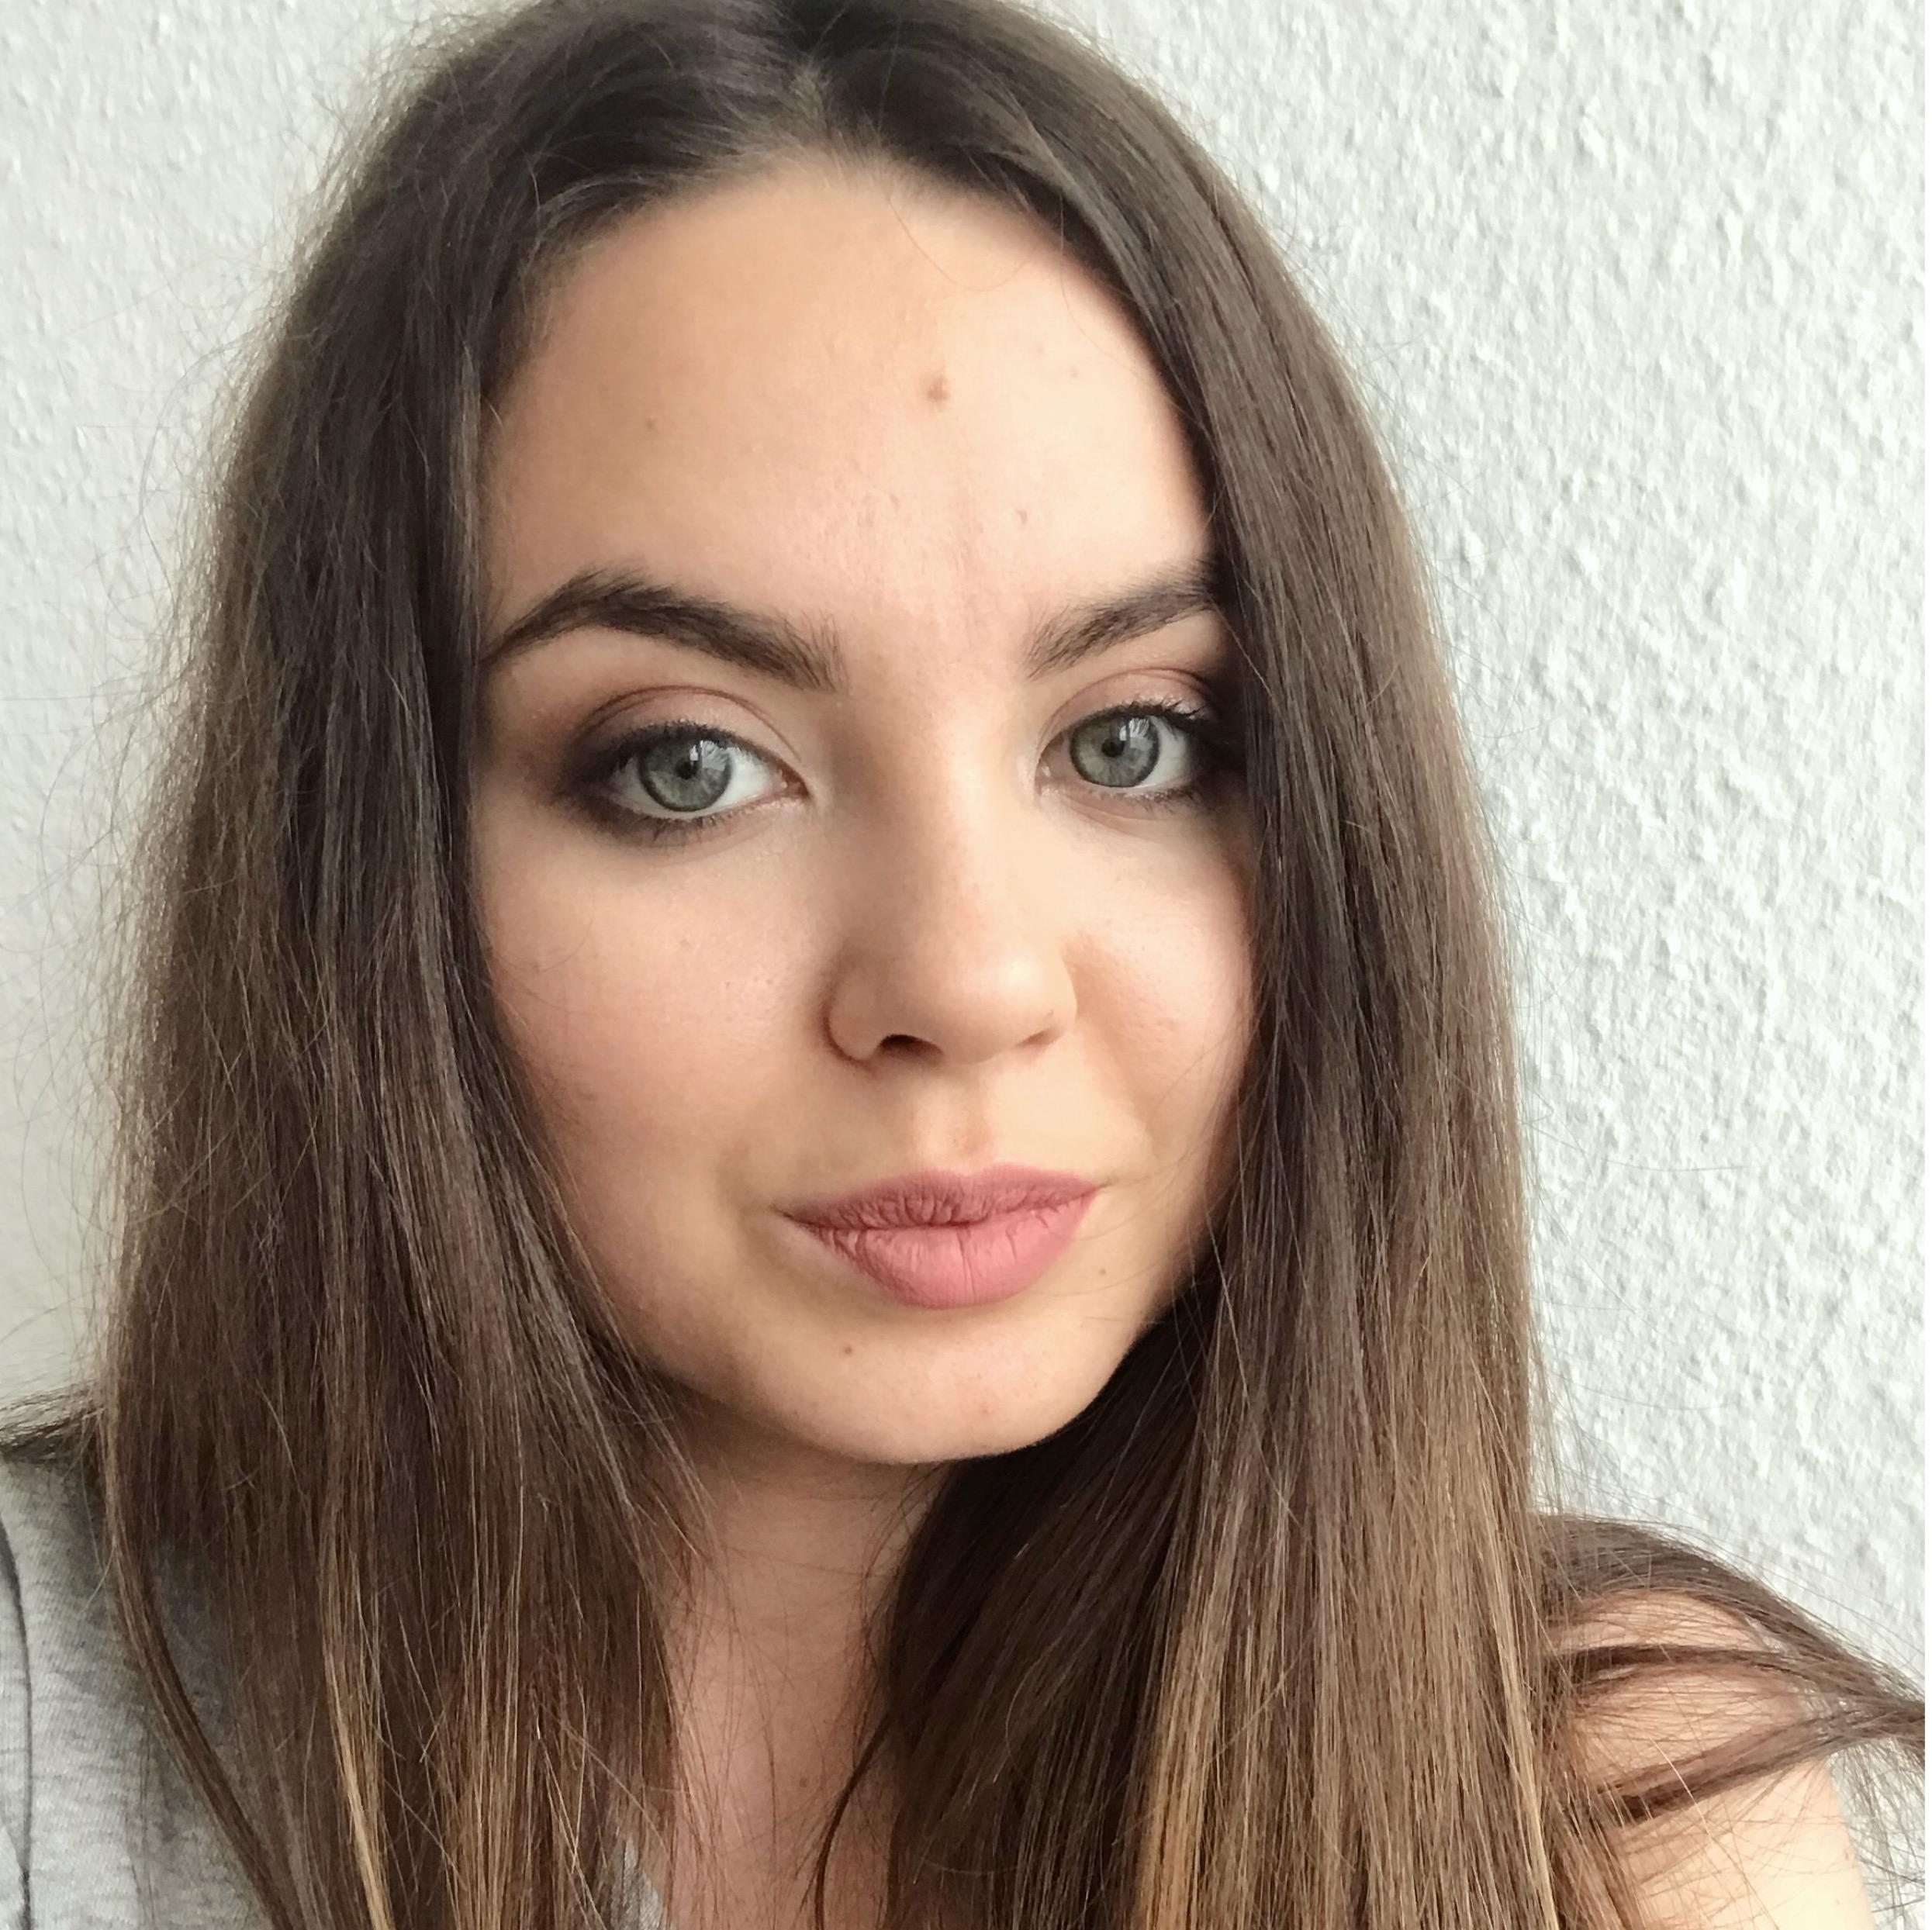 Ana-Maria Iulia Iancu